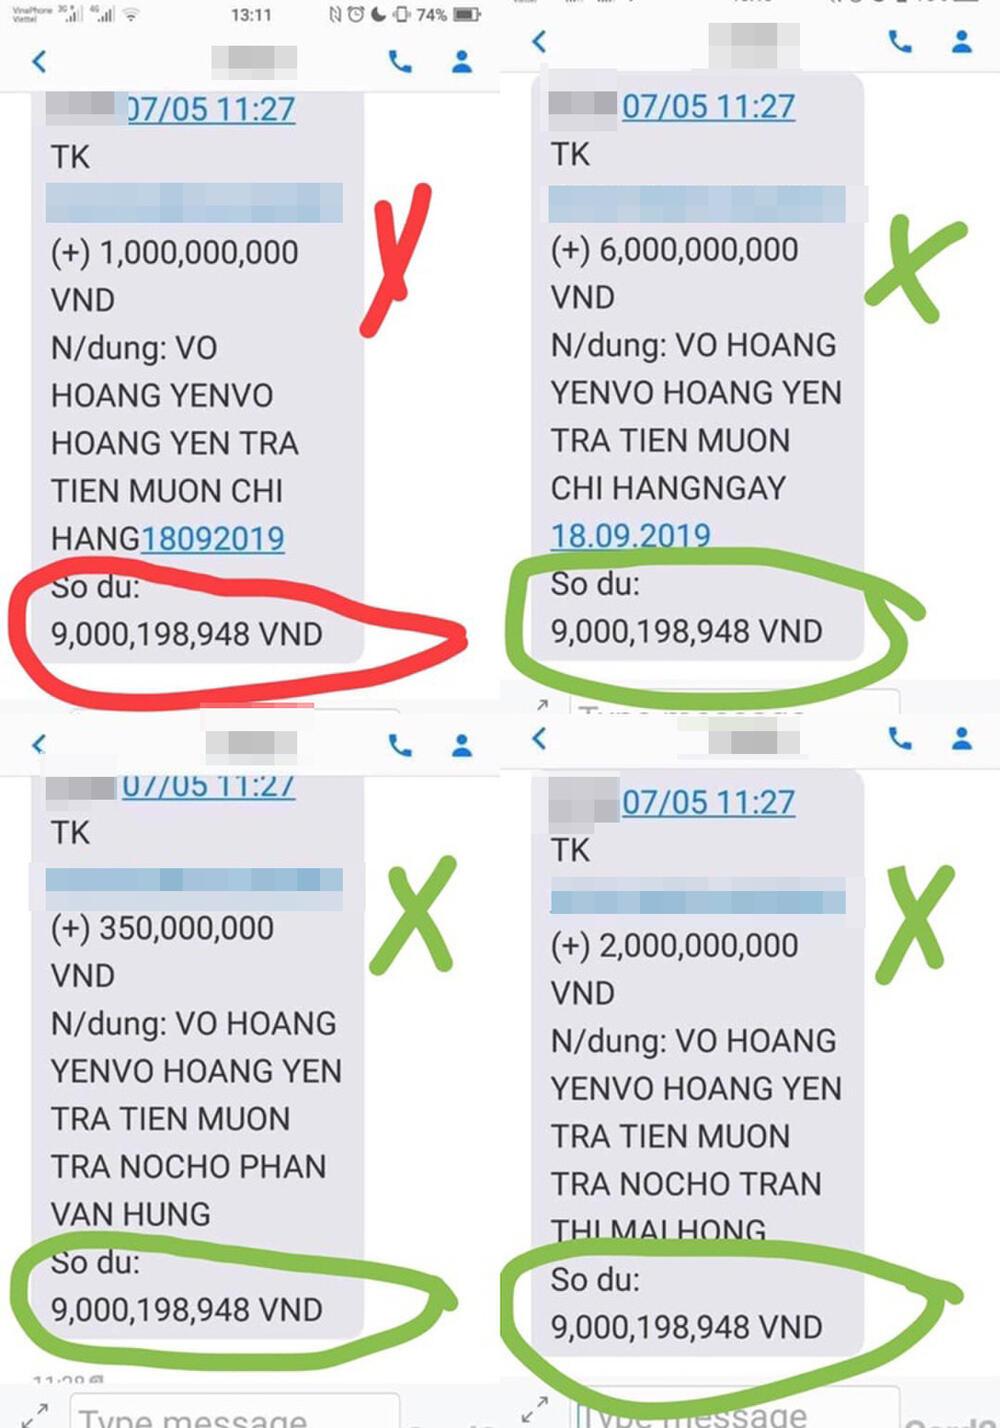 Vừa khoe ông Võ Hoàng Yên trả nợ gần 17 tỷ, bà Phương Hằng liền bị bóc phốt: 'Sao số dư không thay đổi?' Ảnh 3